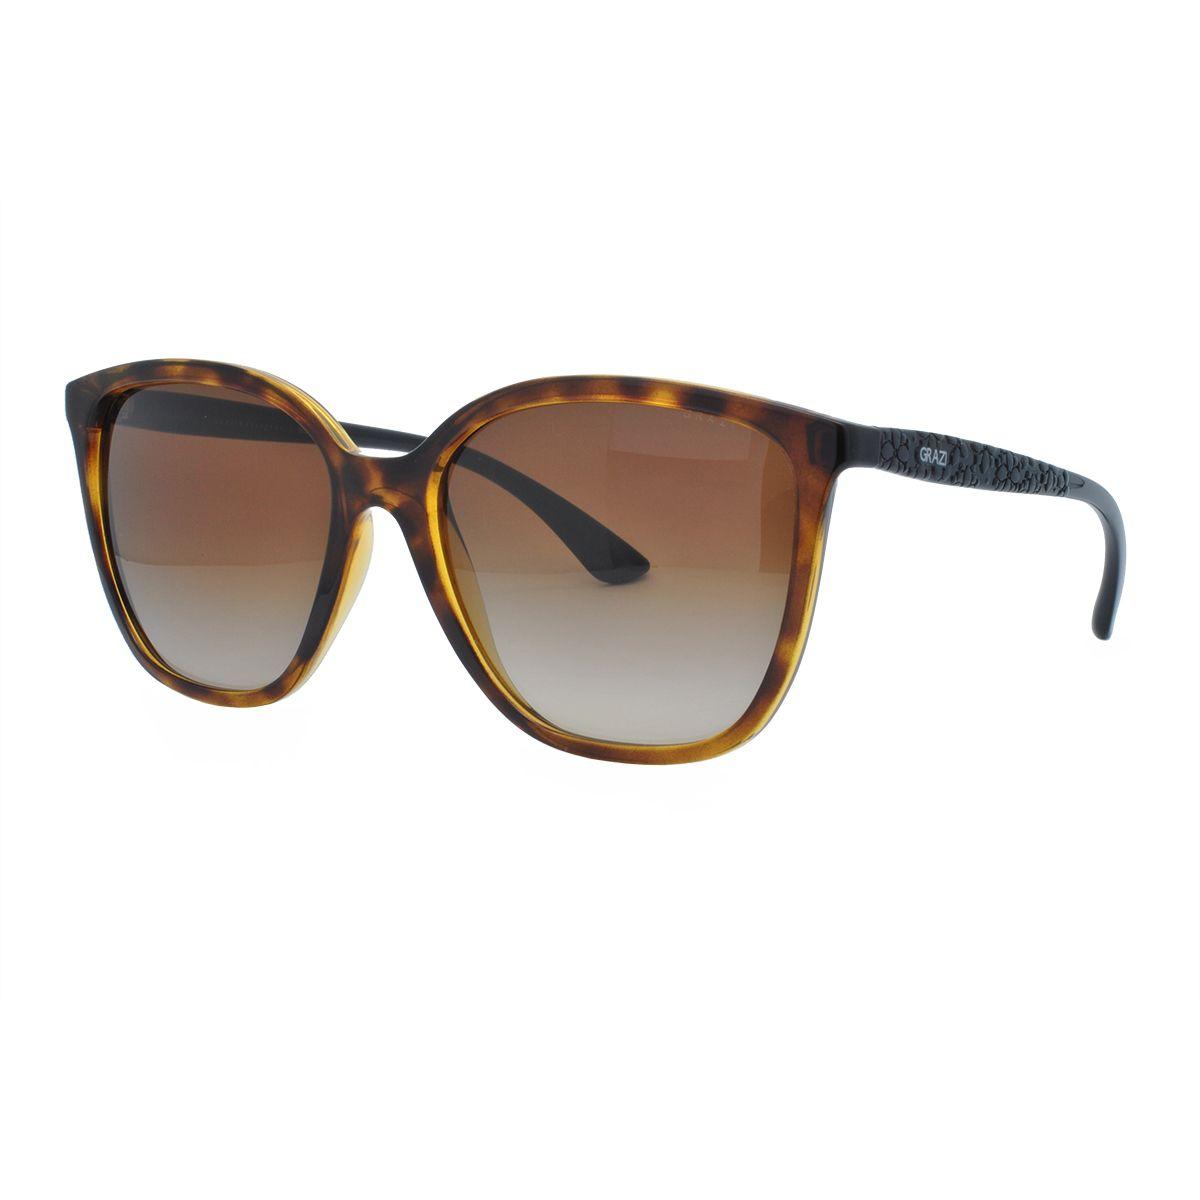 ba781e8fce397 Óculos de Sol Feminino Grazi Massafera GZ4025 F718 - Omega Ótica e ...